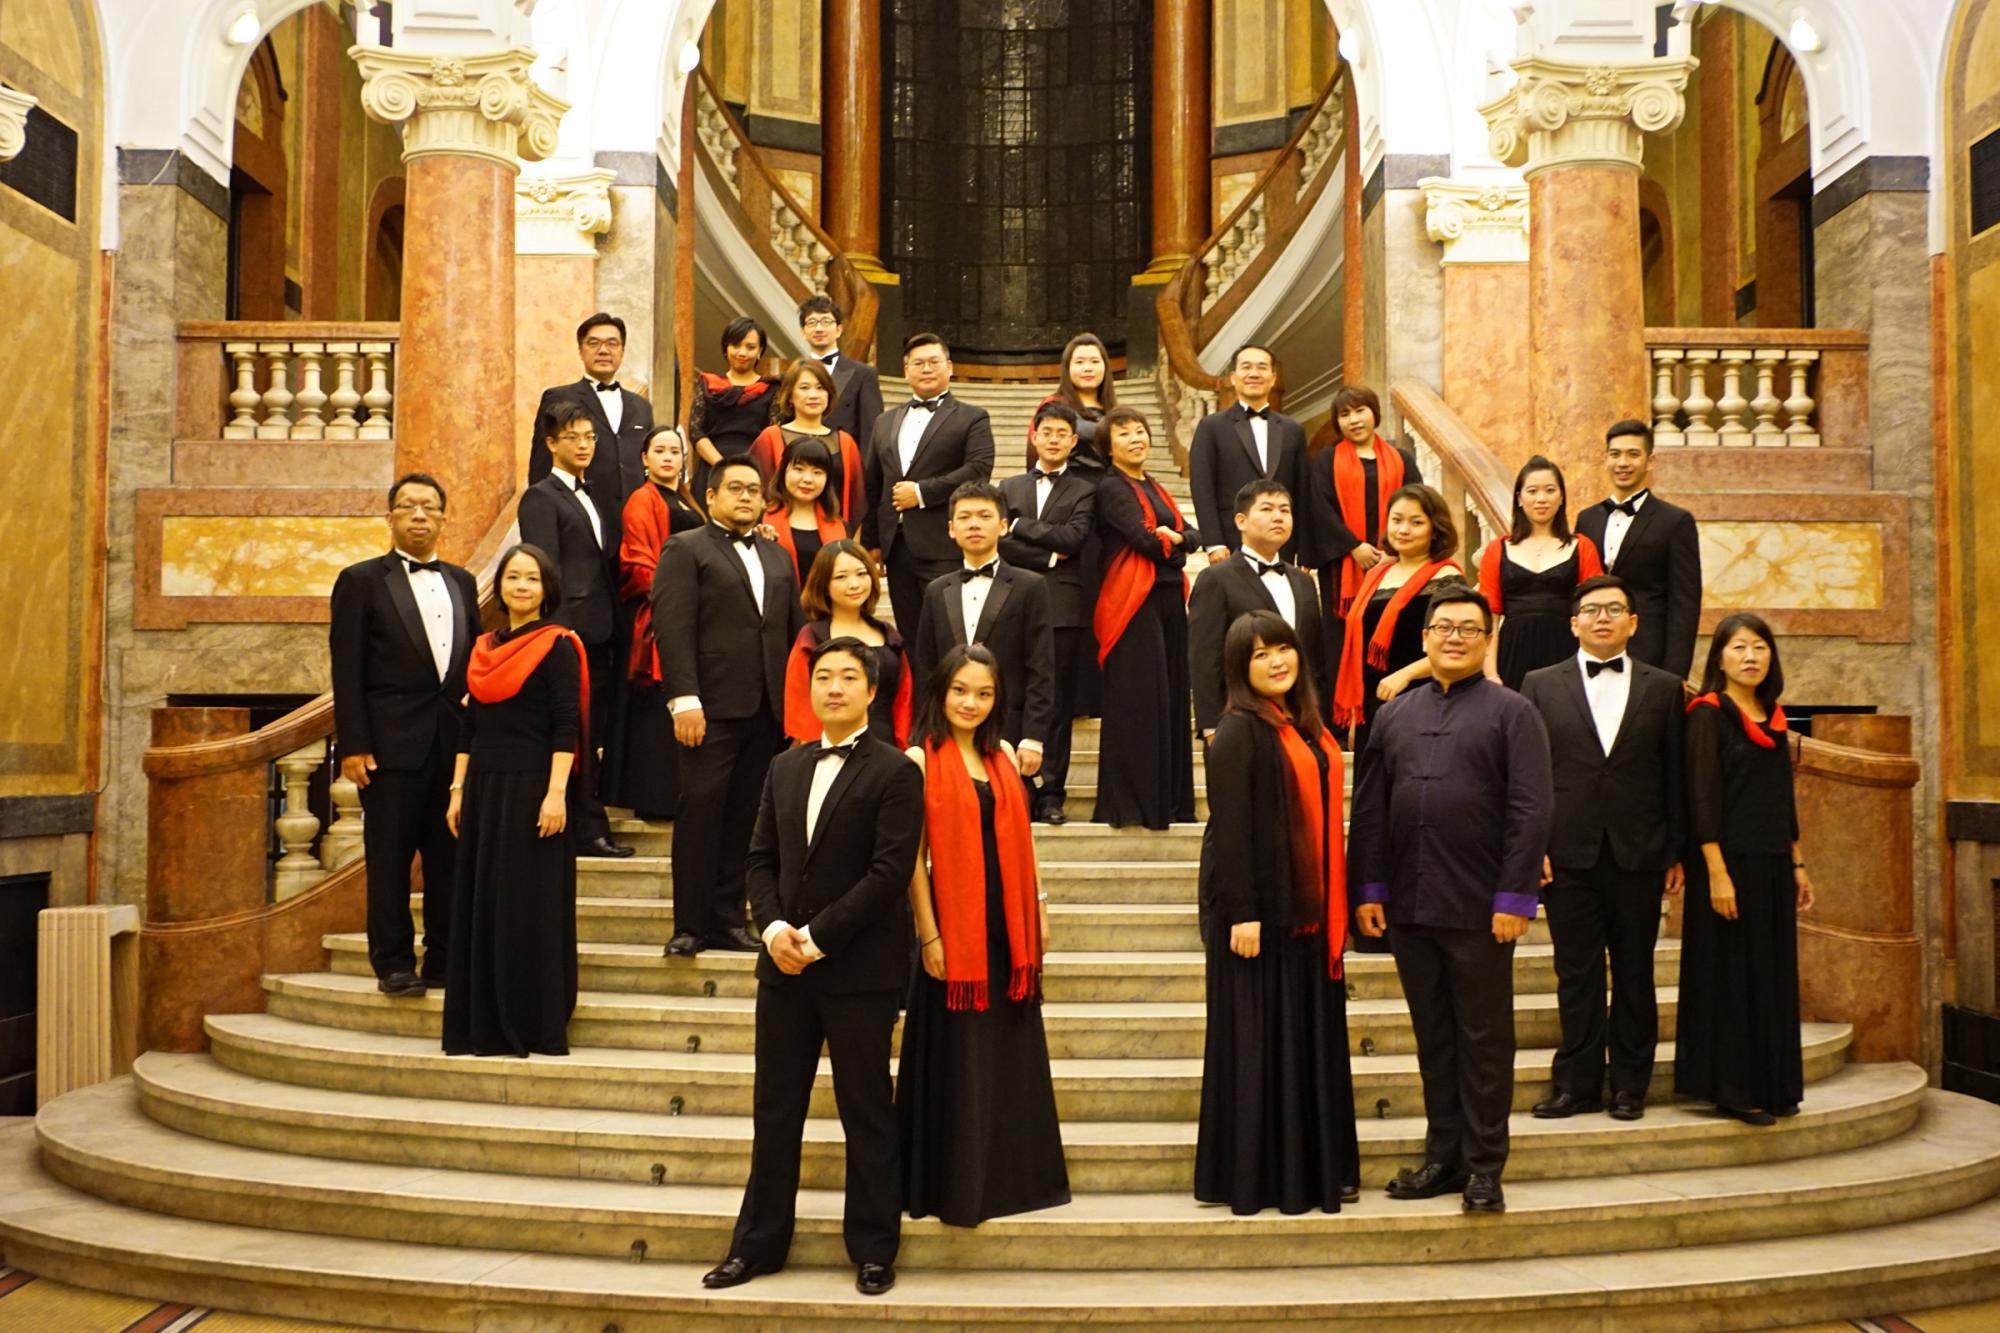 用歌聲描繪台灣之美 台北愛樂室內合唱團唱出台灣印象